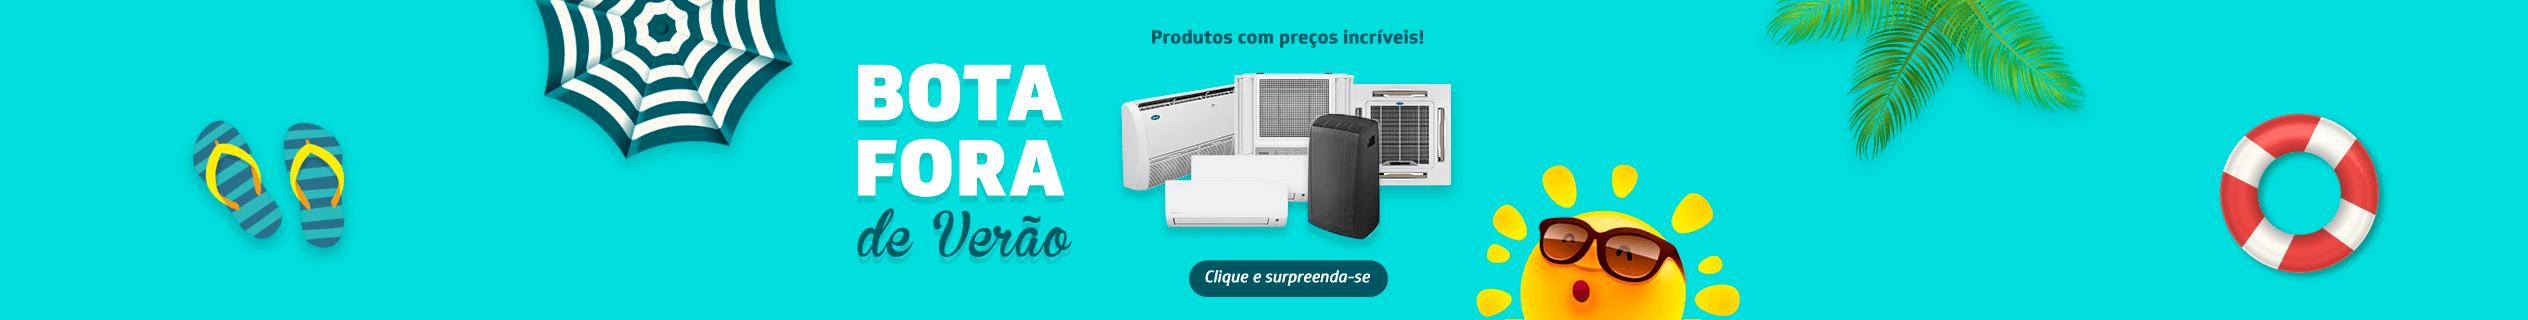 full_banner-desktop-botaforaverao-210319